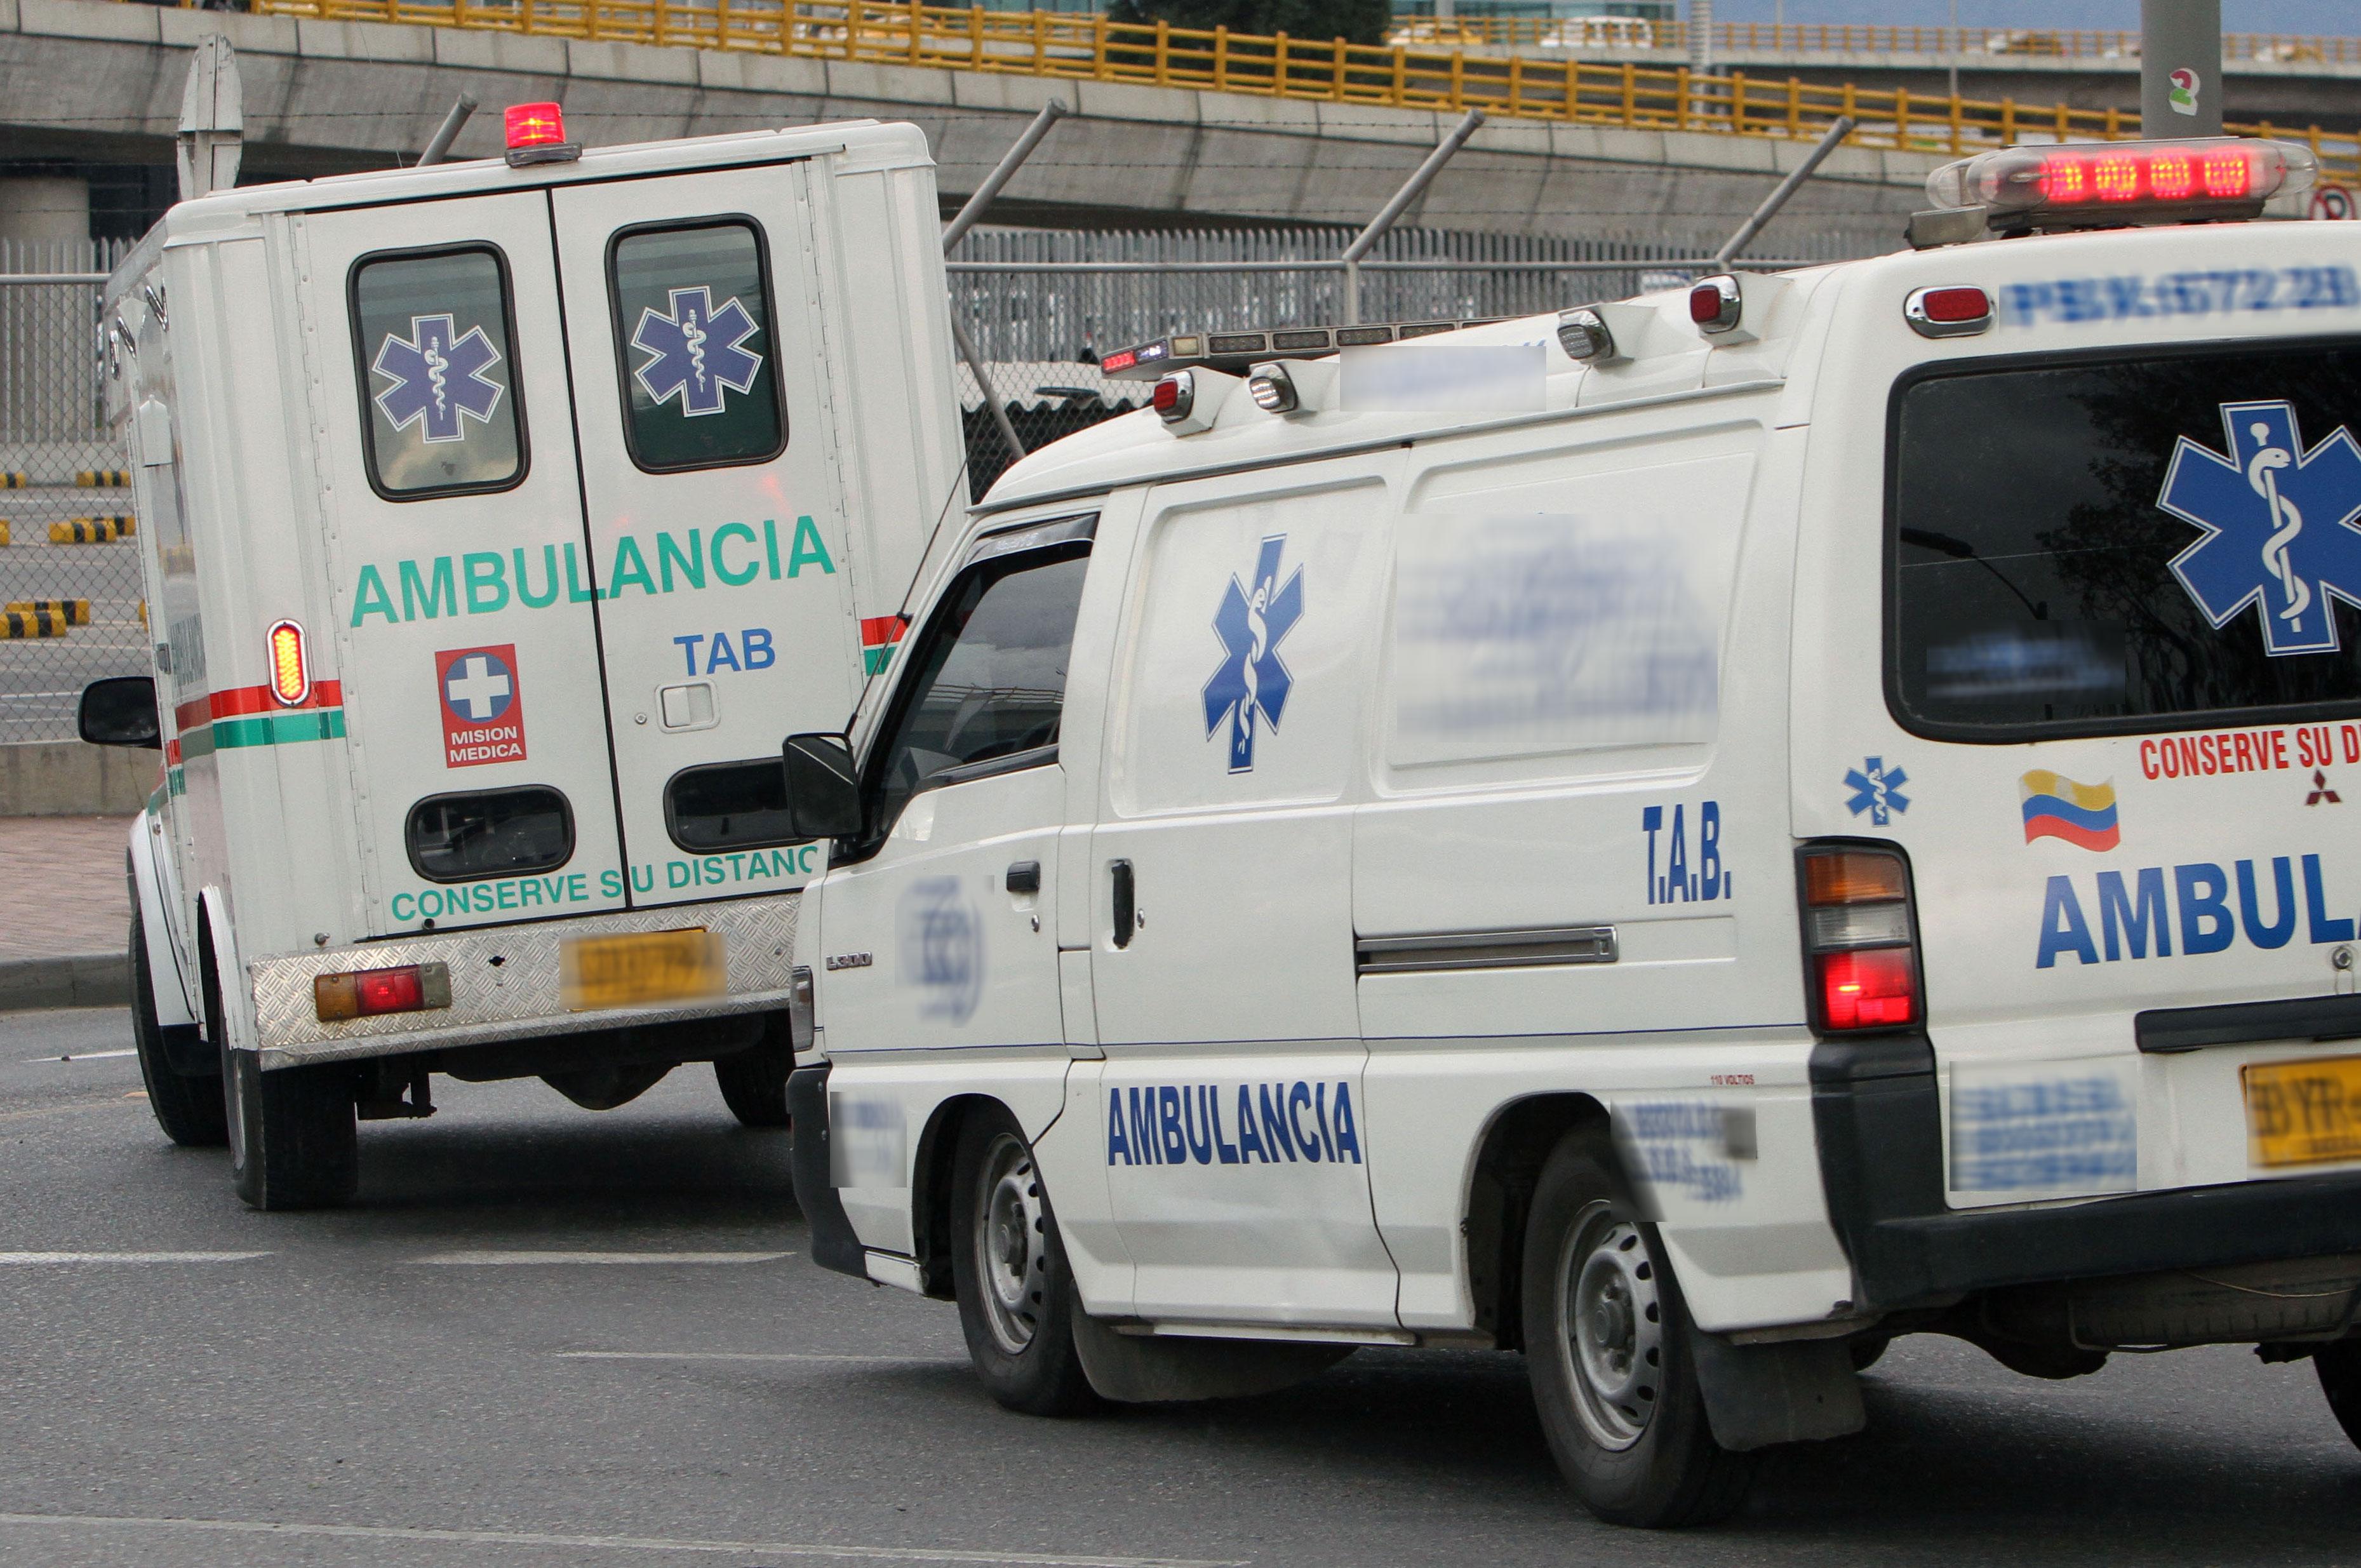 Fotos de ambulancias en accidentes 93